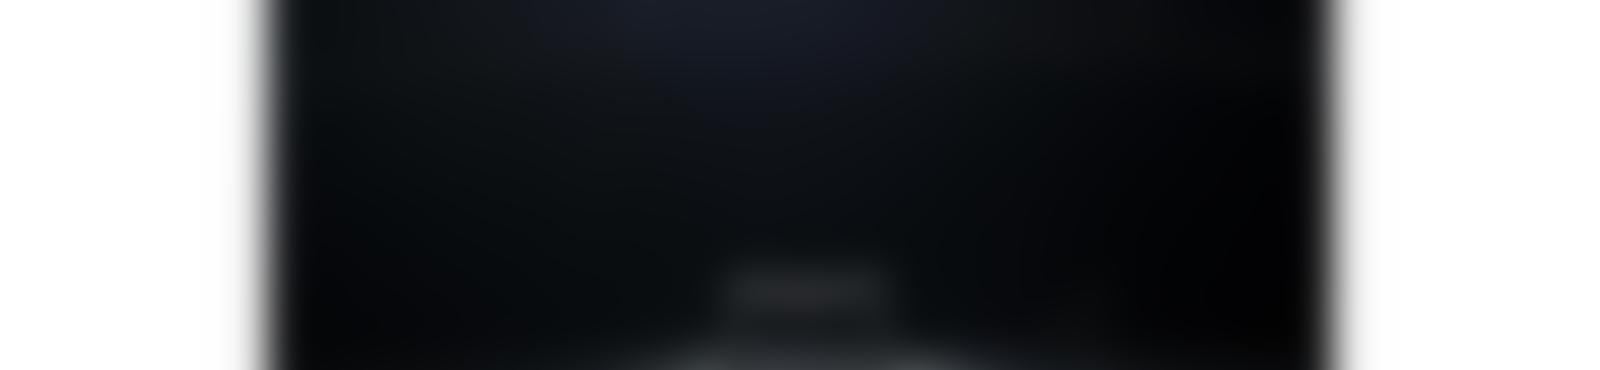 Blurred 7d3f6949 4604 48d5 aa32 3f43fb8b7807